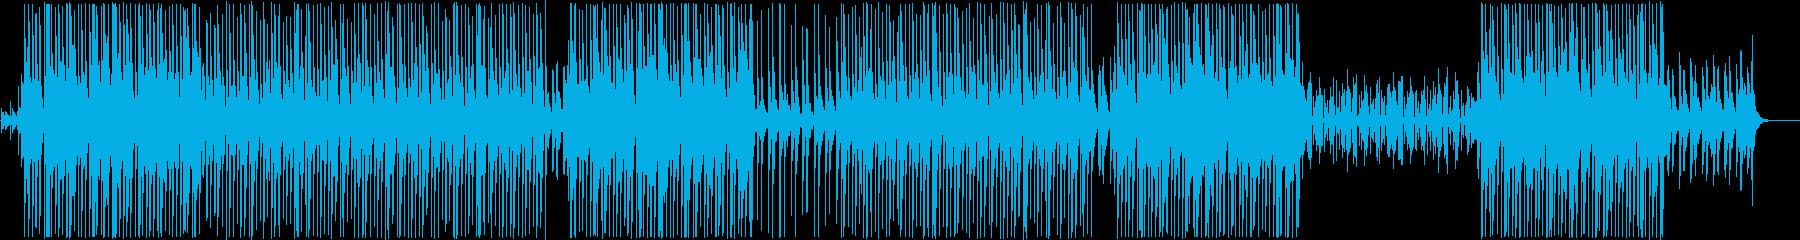 チルアウト、切ないR&B、洋楽♪の再生済みの波形